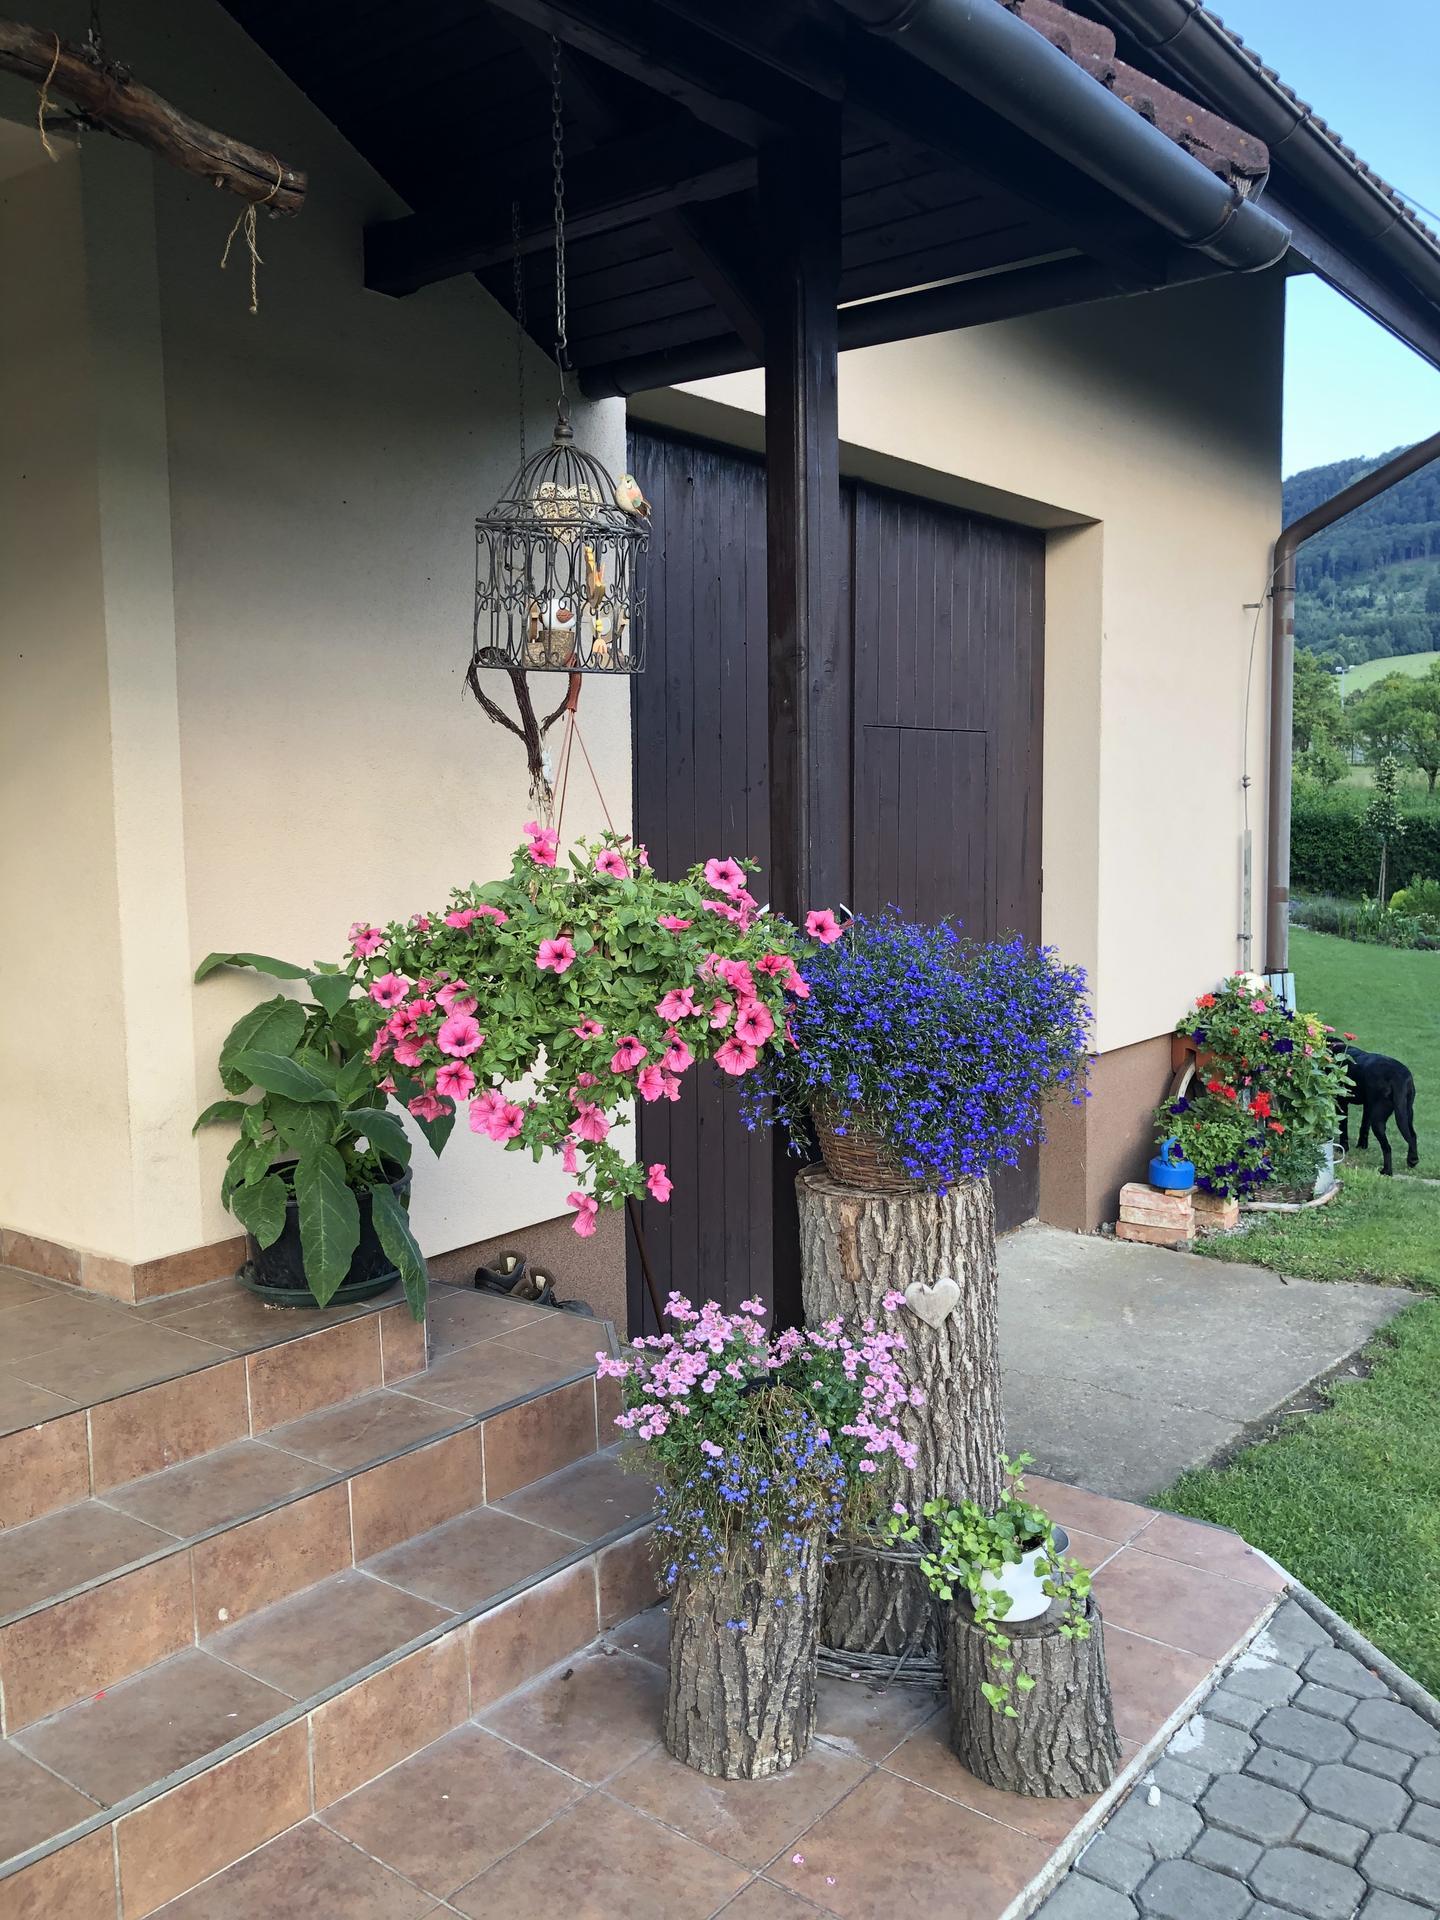 U nás doma a na zahradě 2020 - Obrázek č. 120